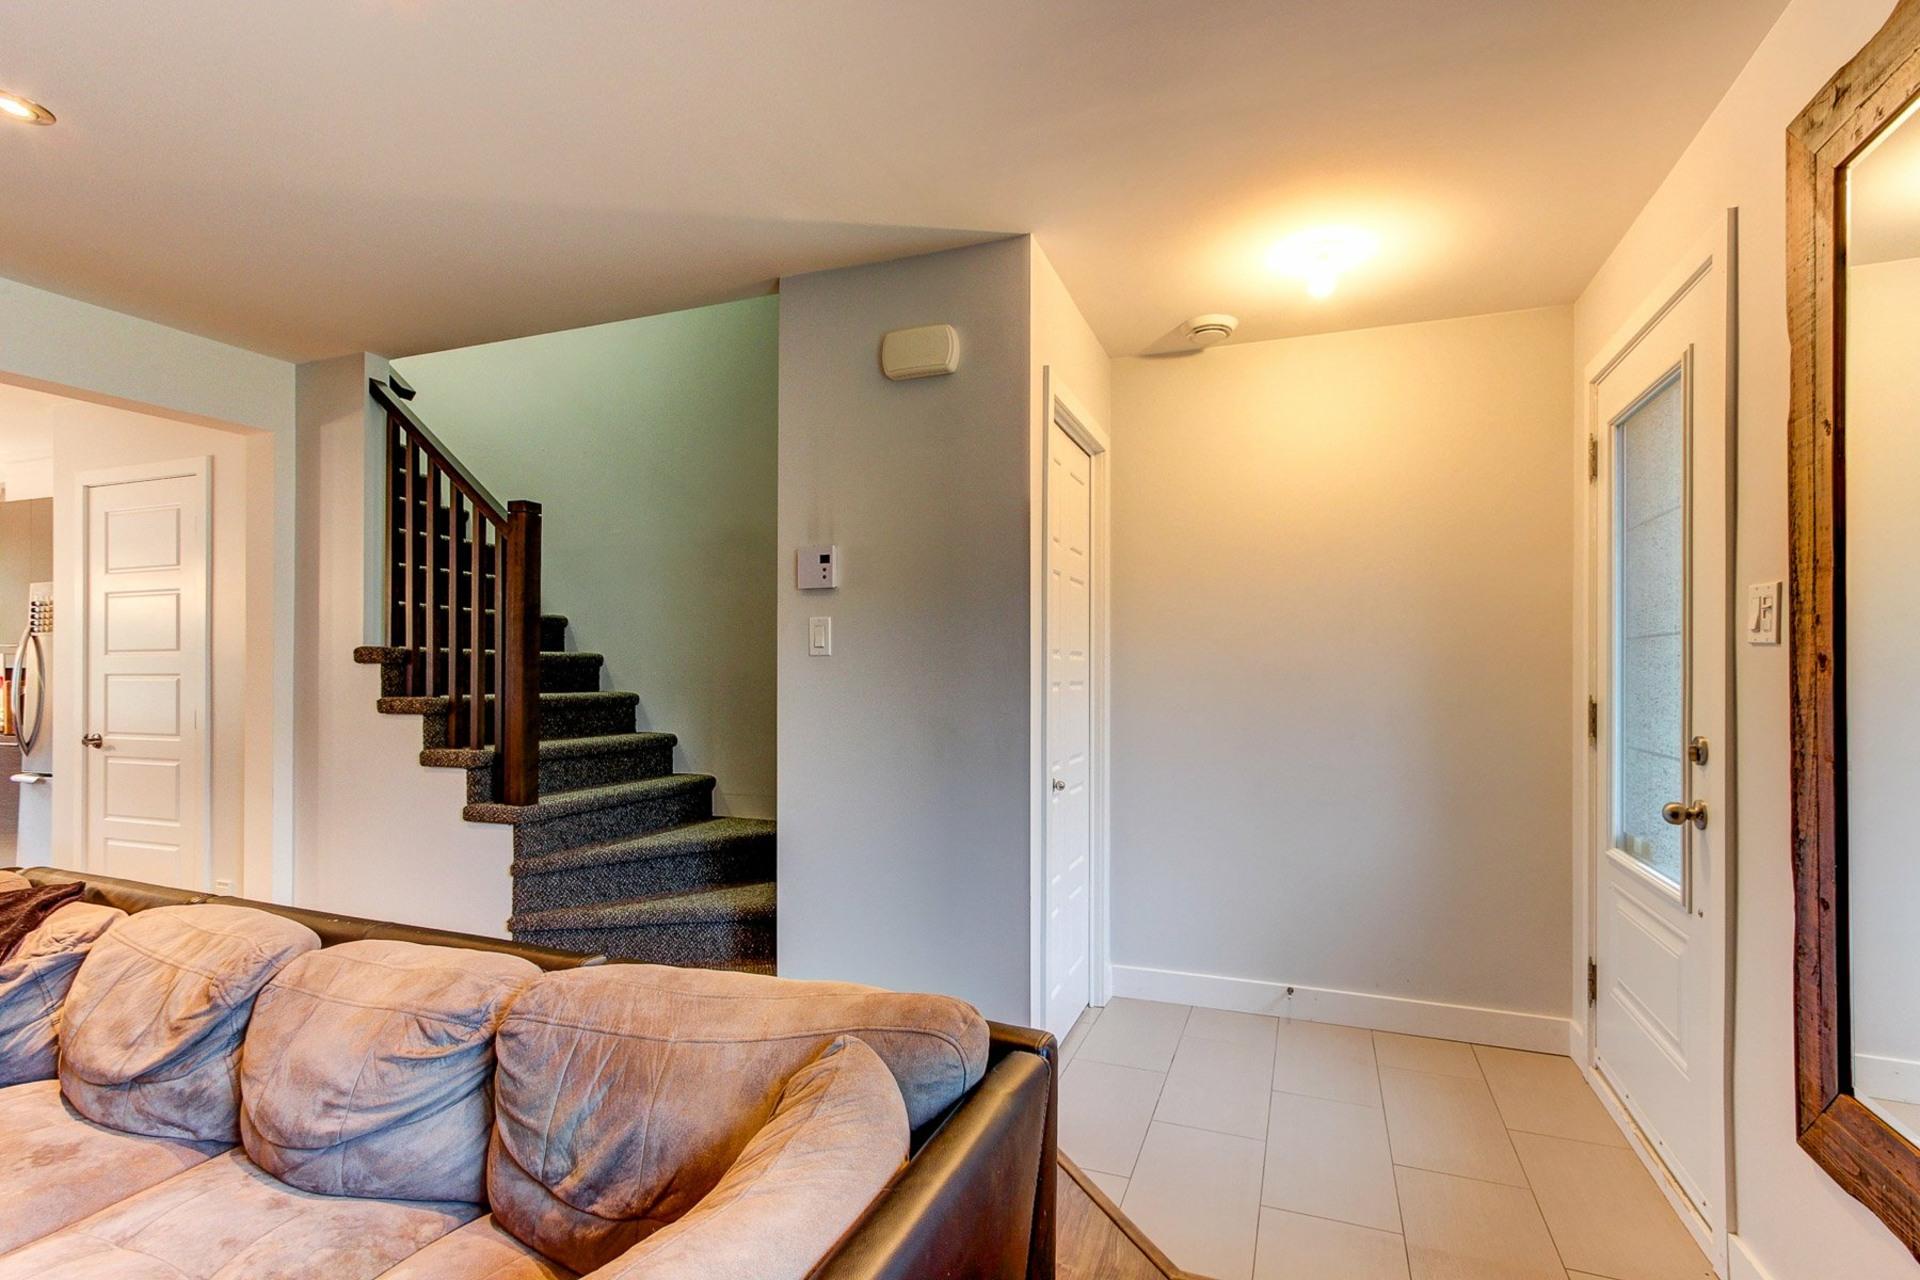 image 12 - Appartement À vendre Trois-Rivières - 7 pièces